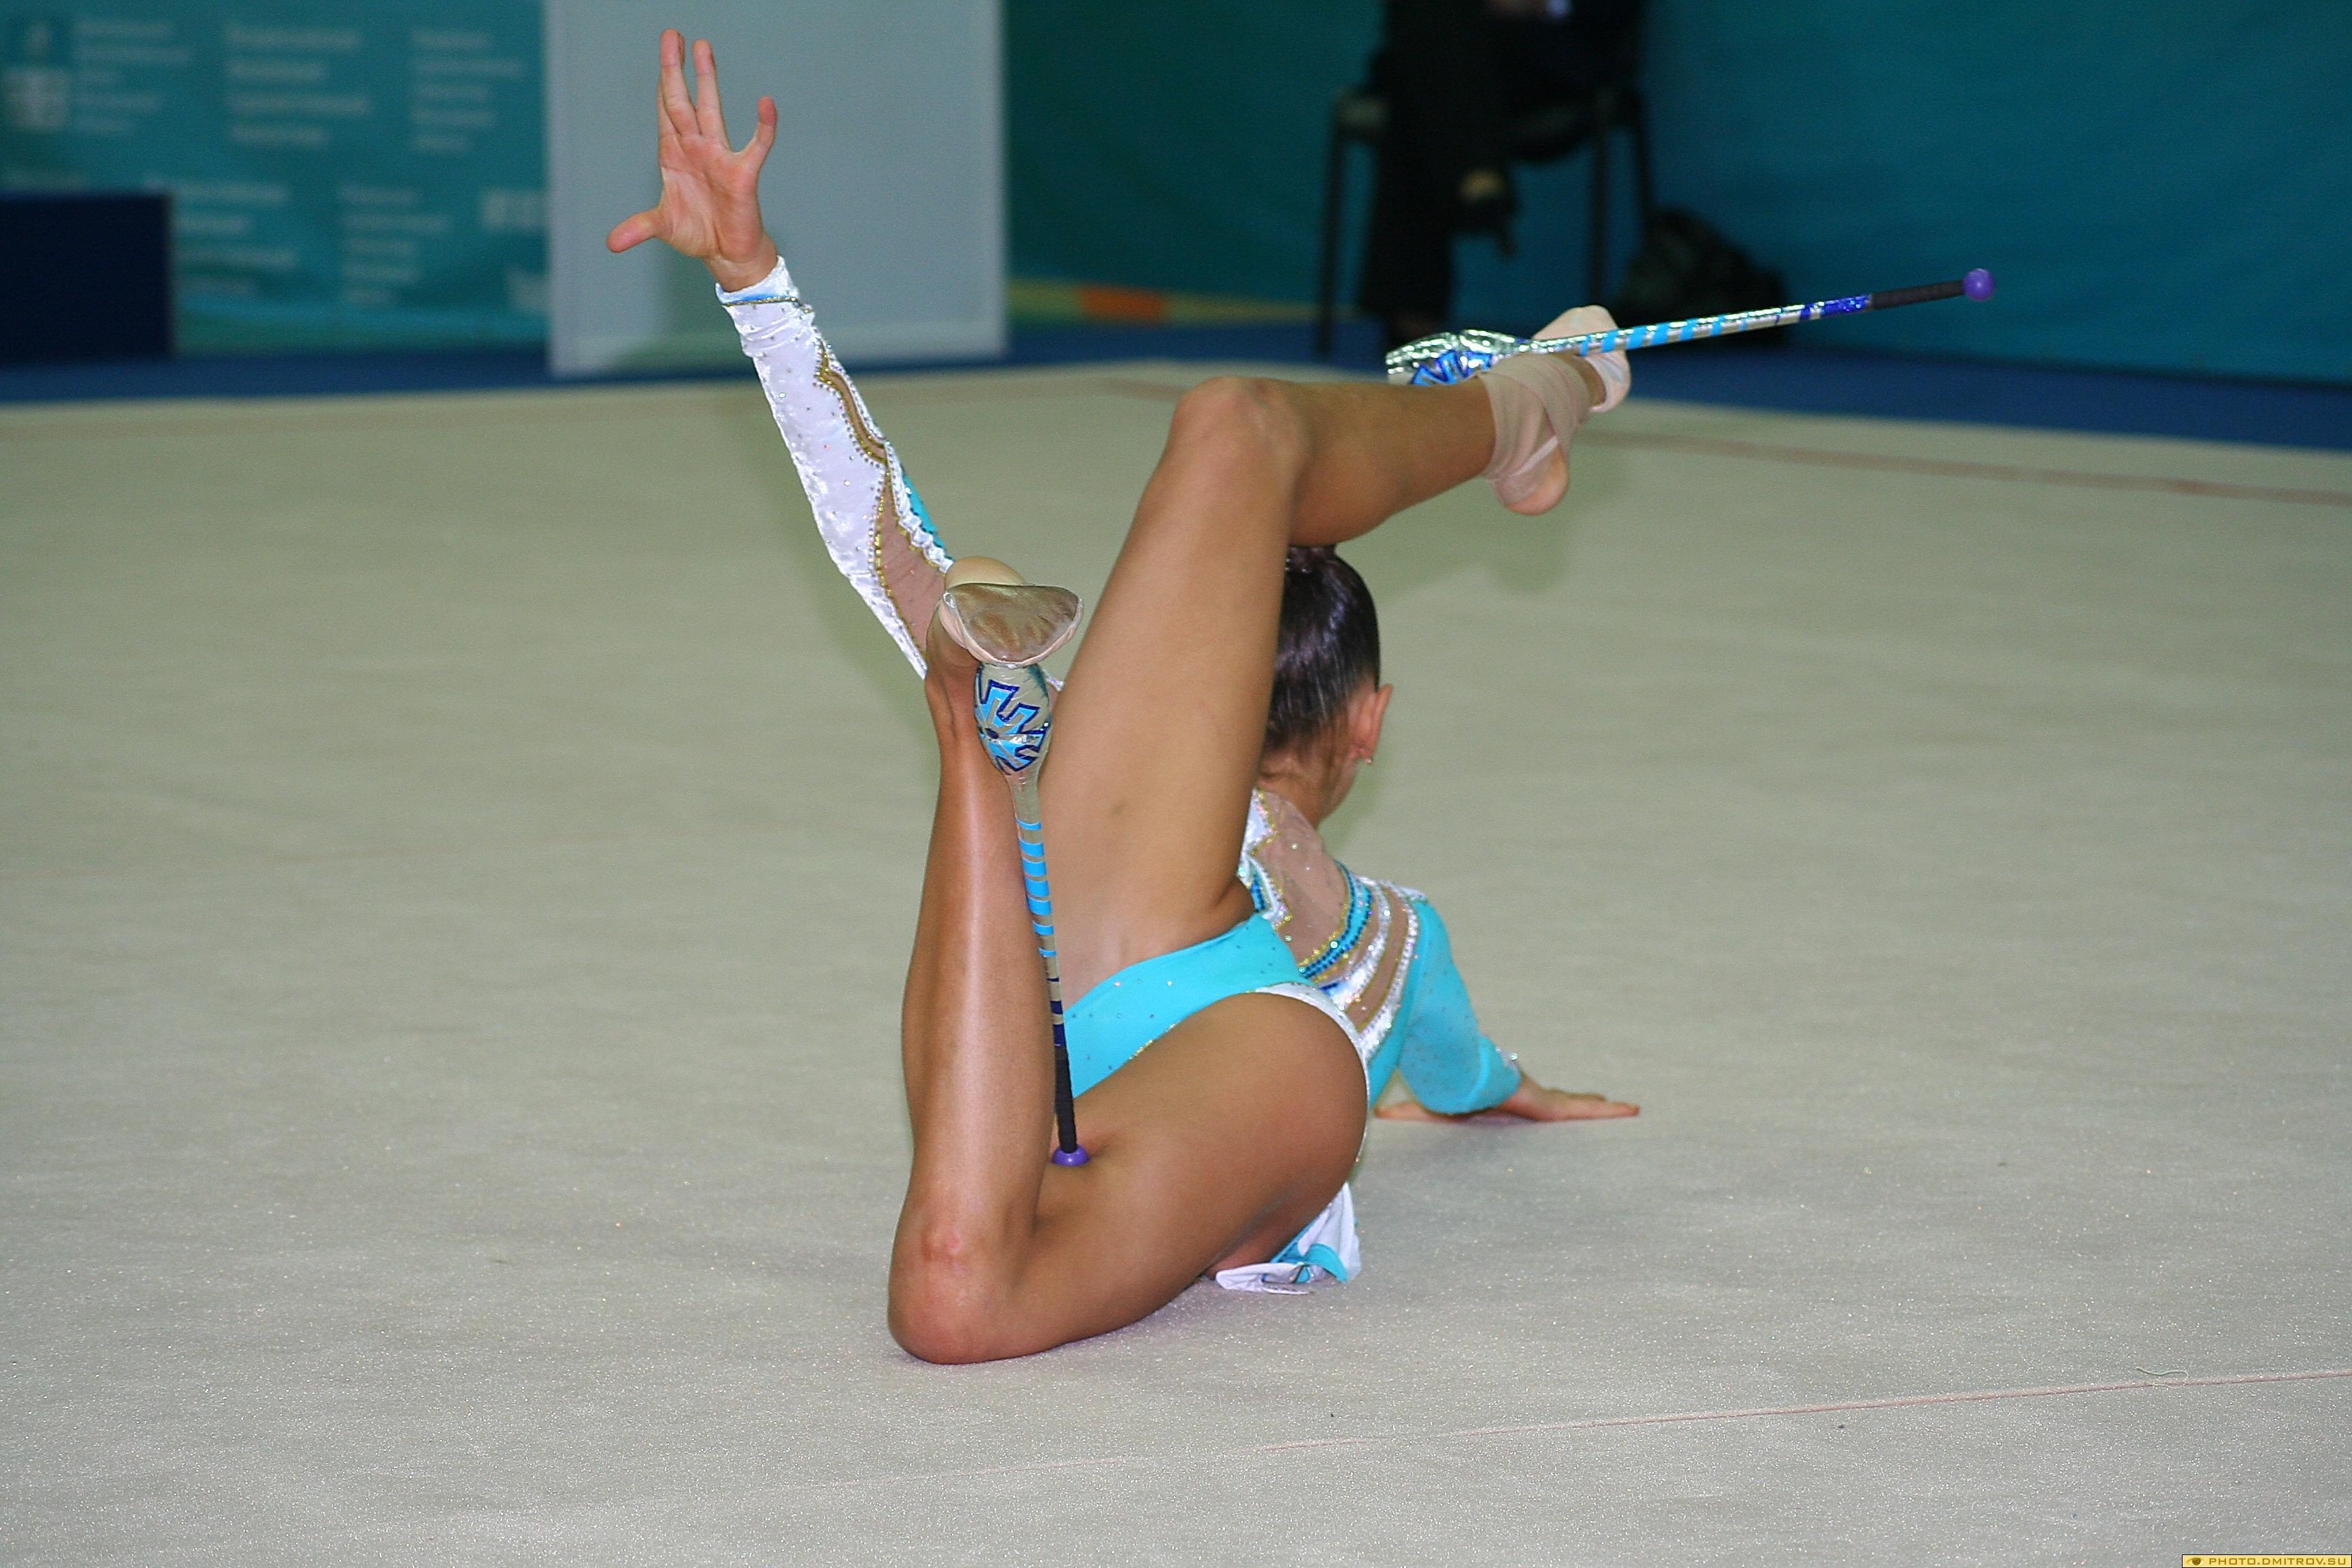 С гимнастками фото 6 фотография